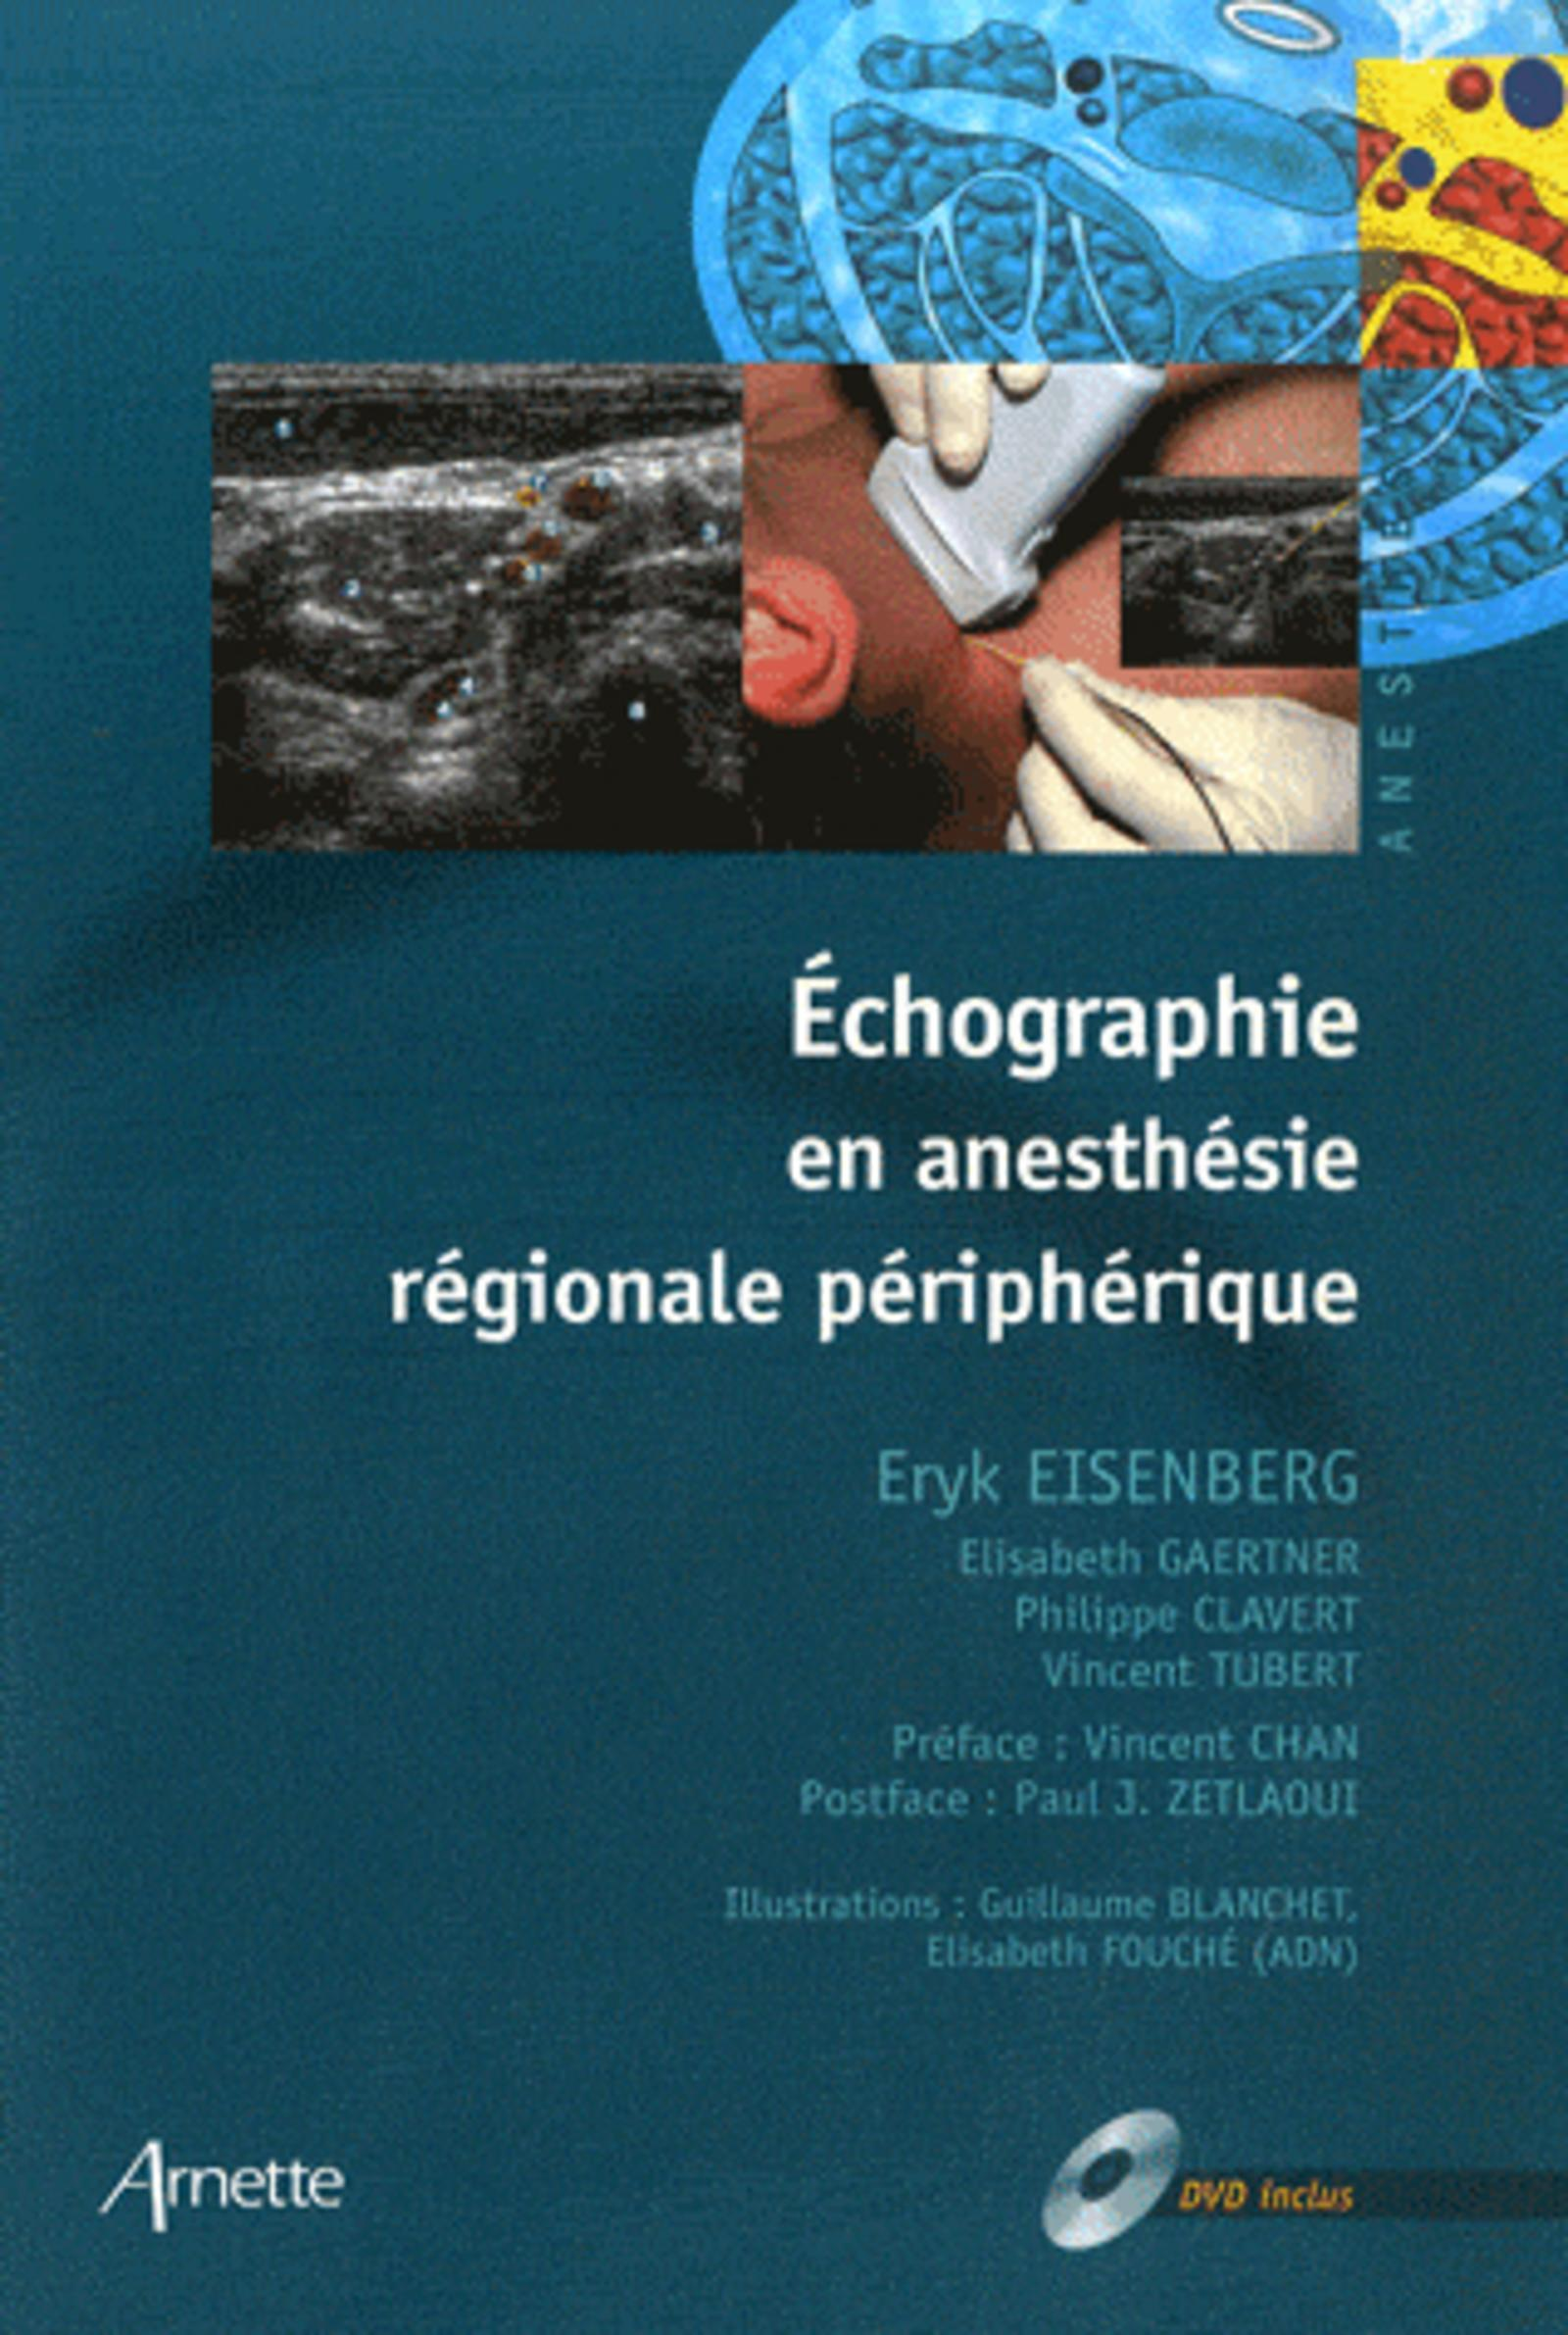 ECHOGRAPHIE EN ANESTHESIE REGIONALE + DVD INCLUS